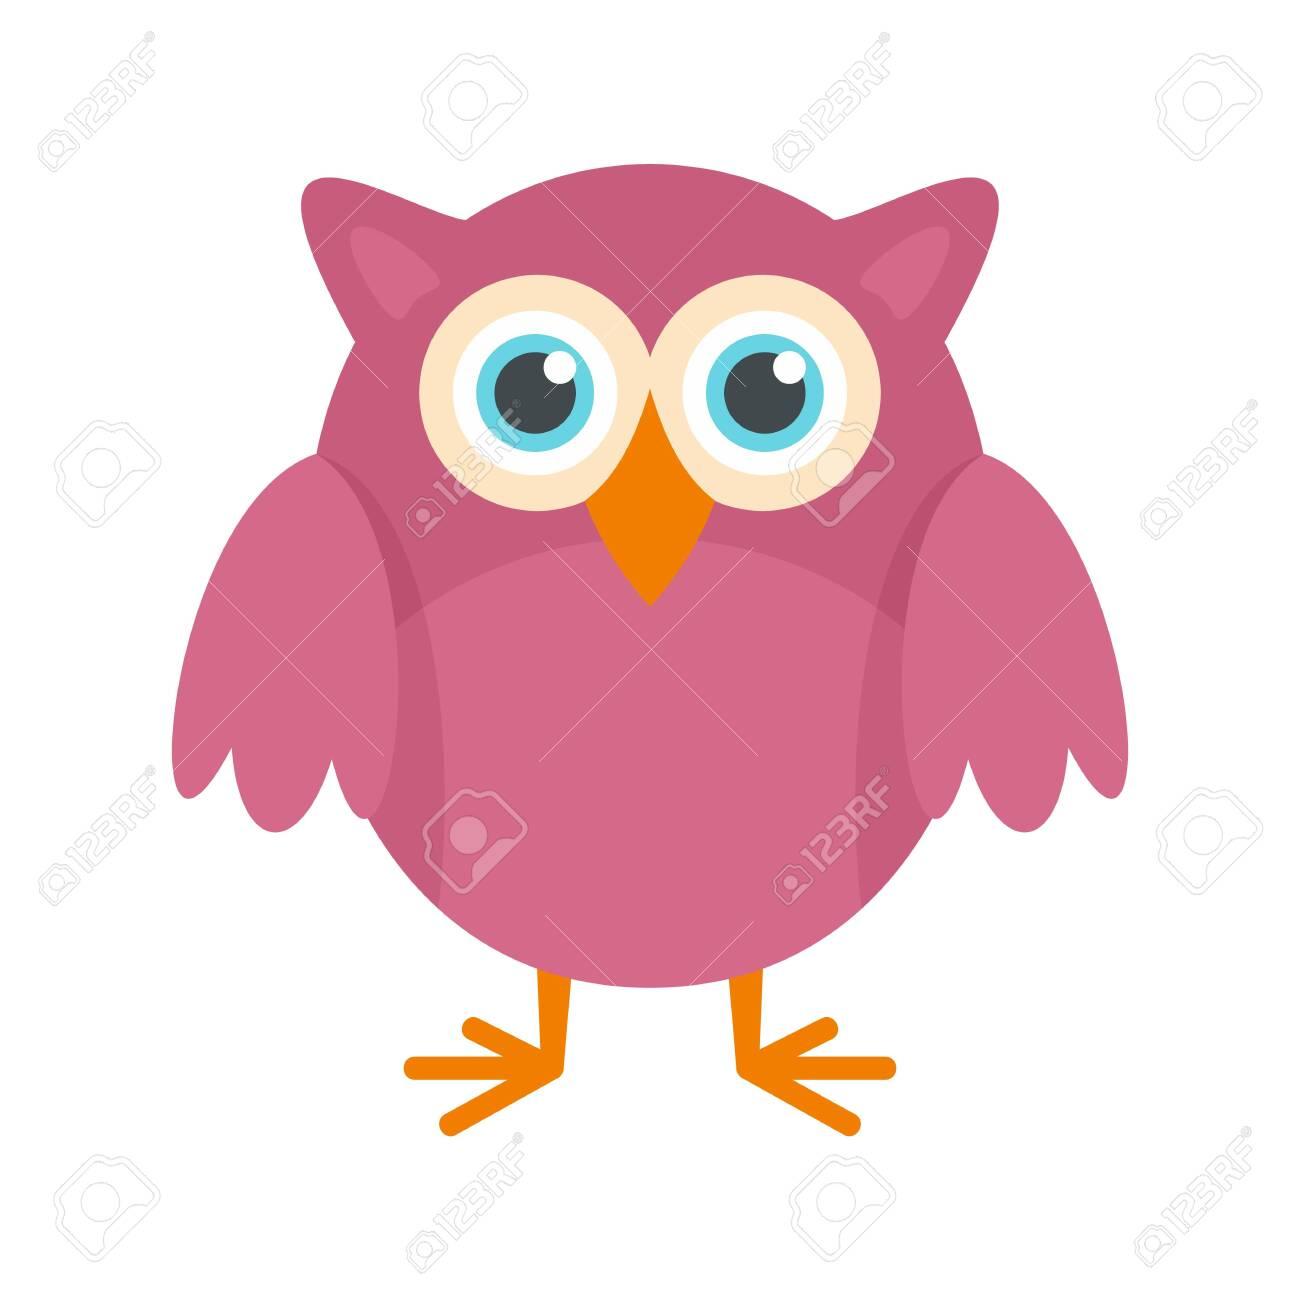 Big eyes owl icon, flat style.